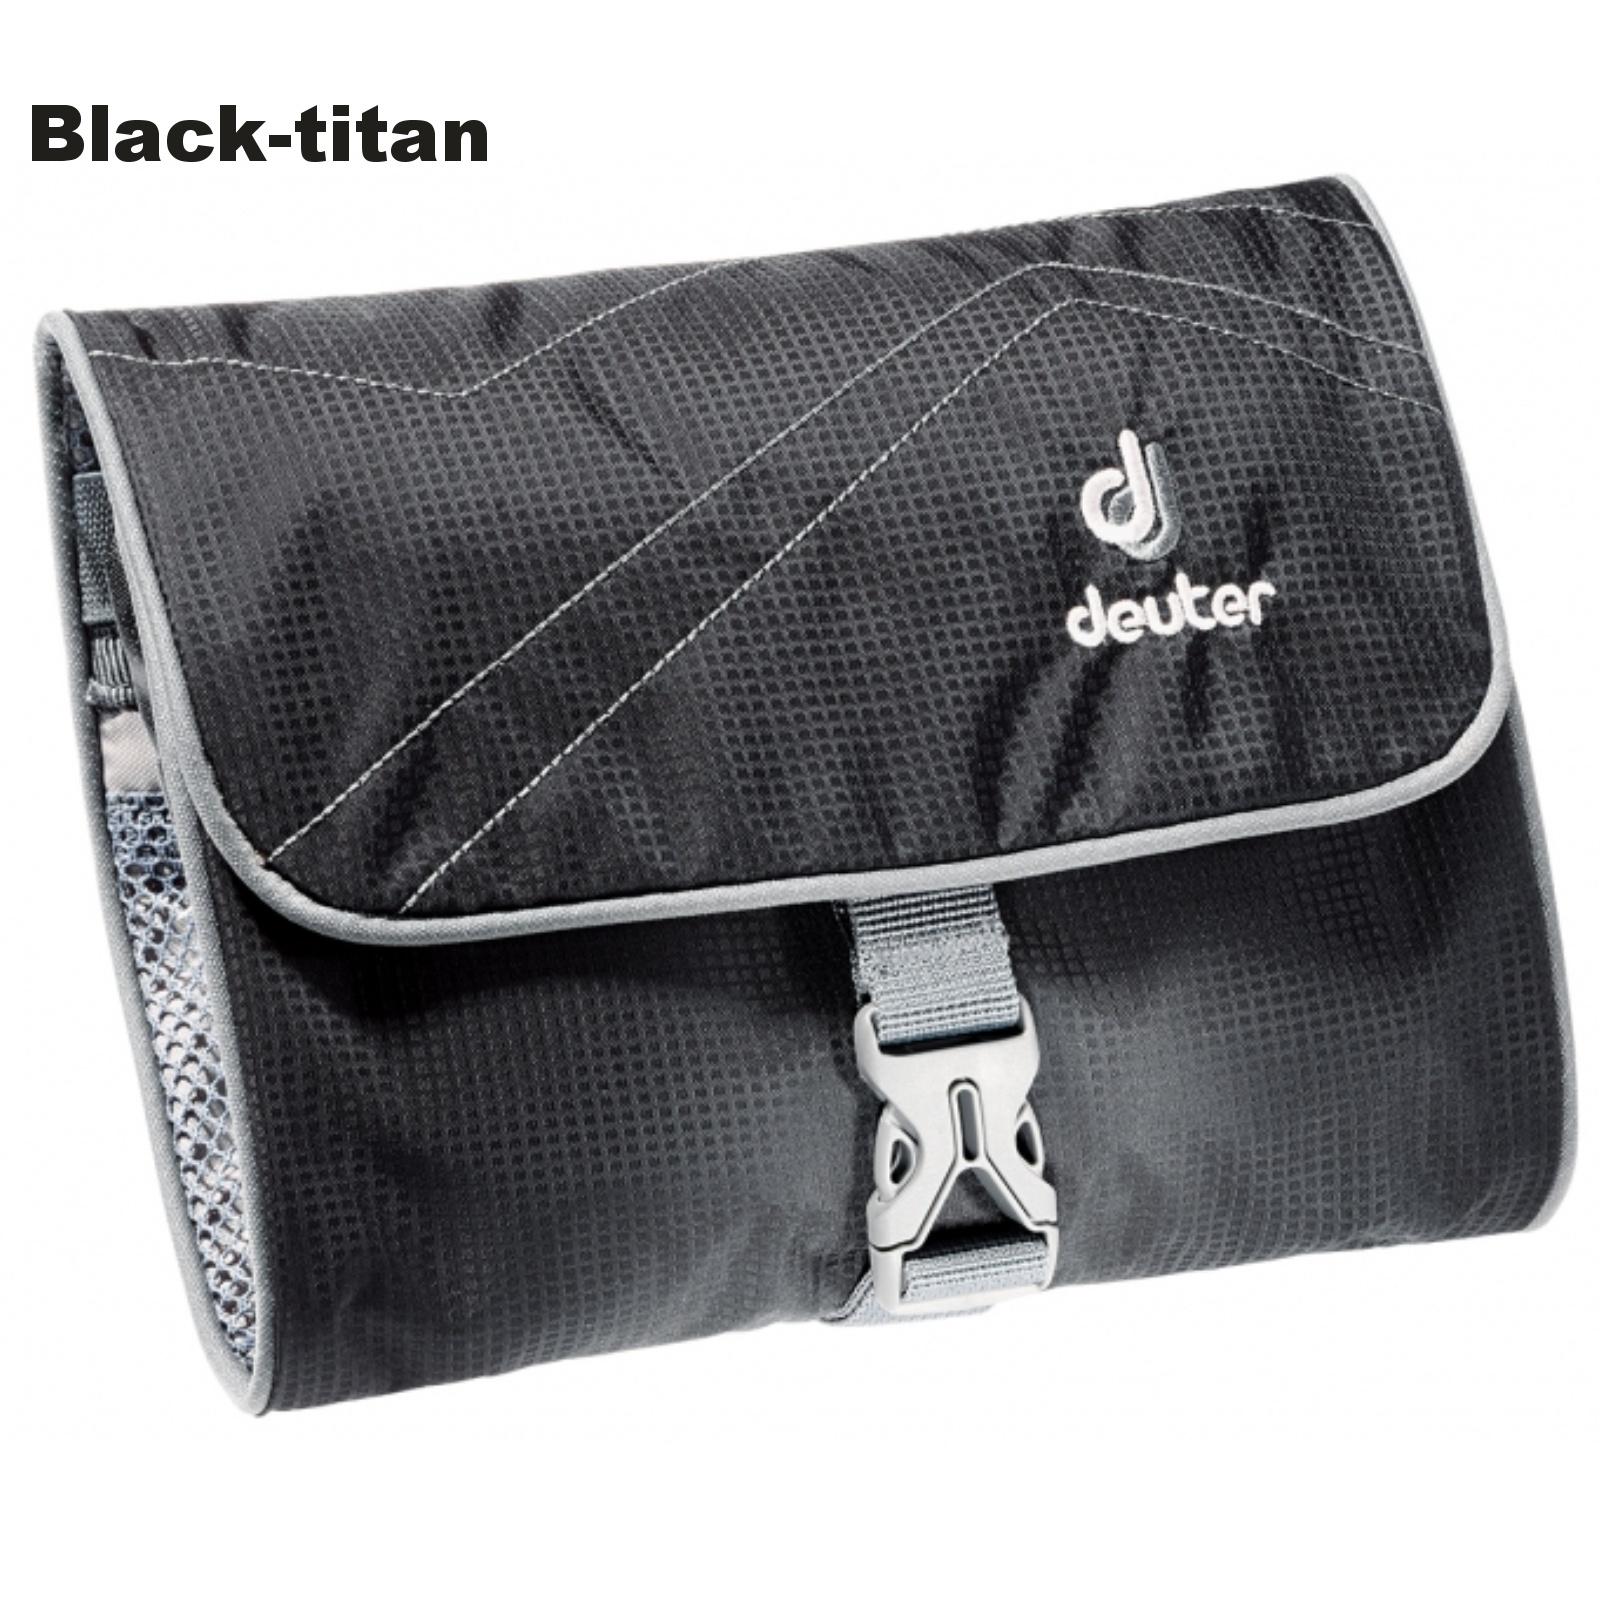 Toaletní taška DEUTER Wash Bag I - black-titan